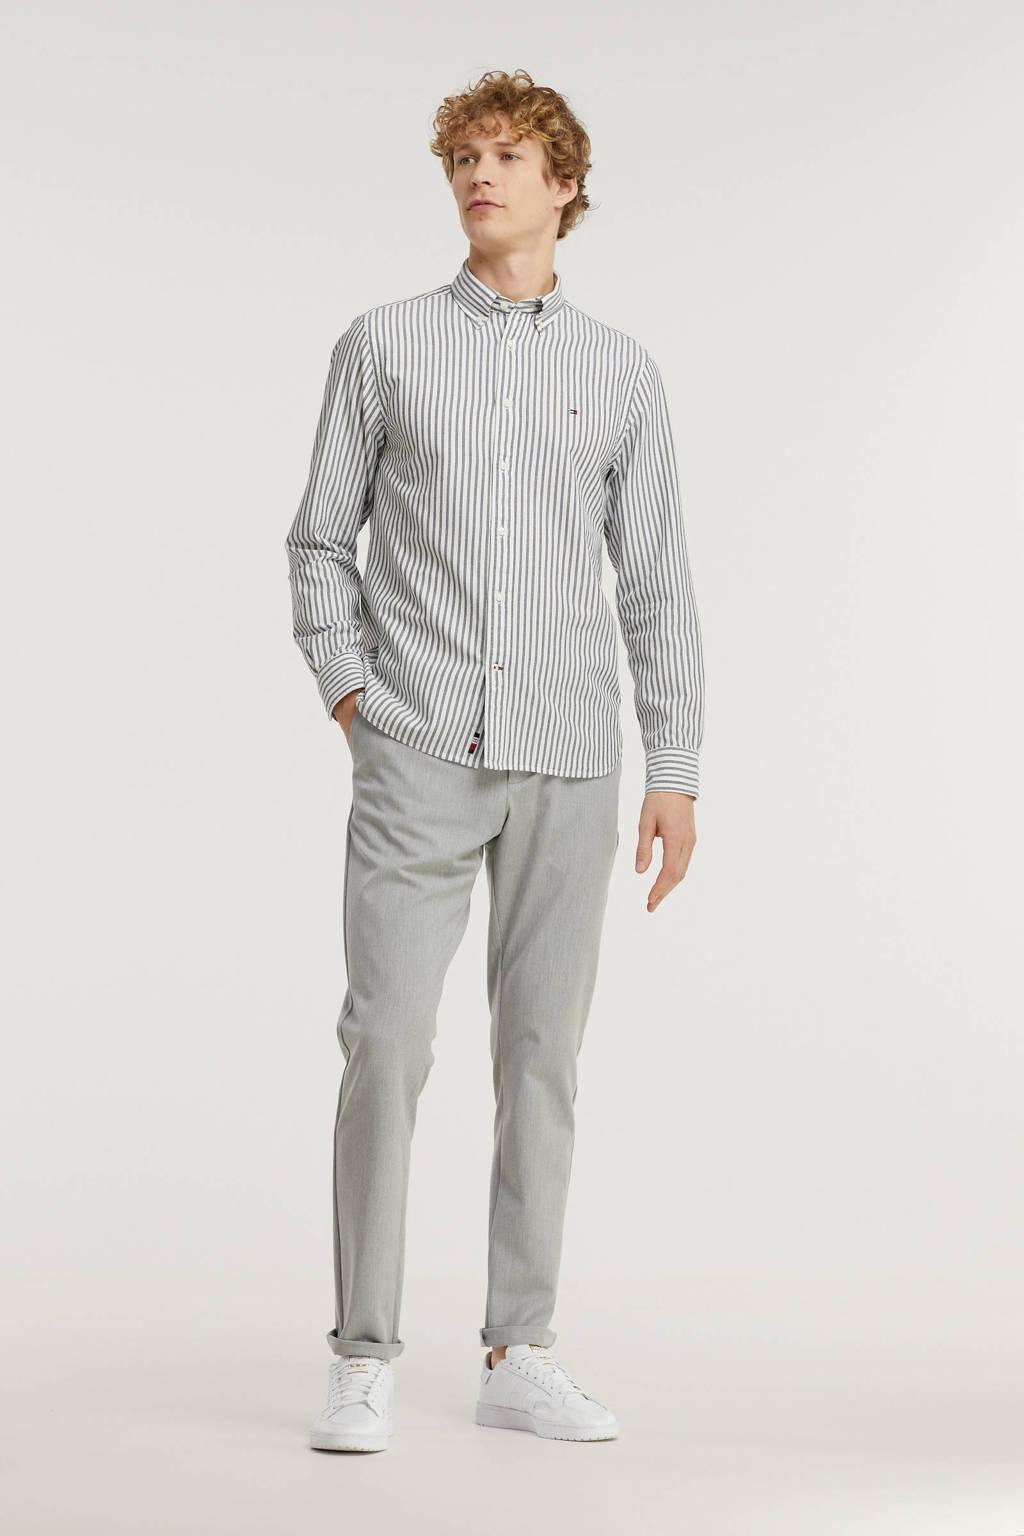 Tommy Hilfiger gestreept regular fit overhemd van biologisch katoen donkerblauw/wit, Donkerblauw/wit